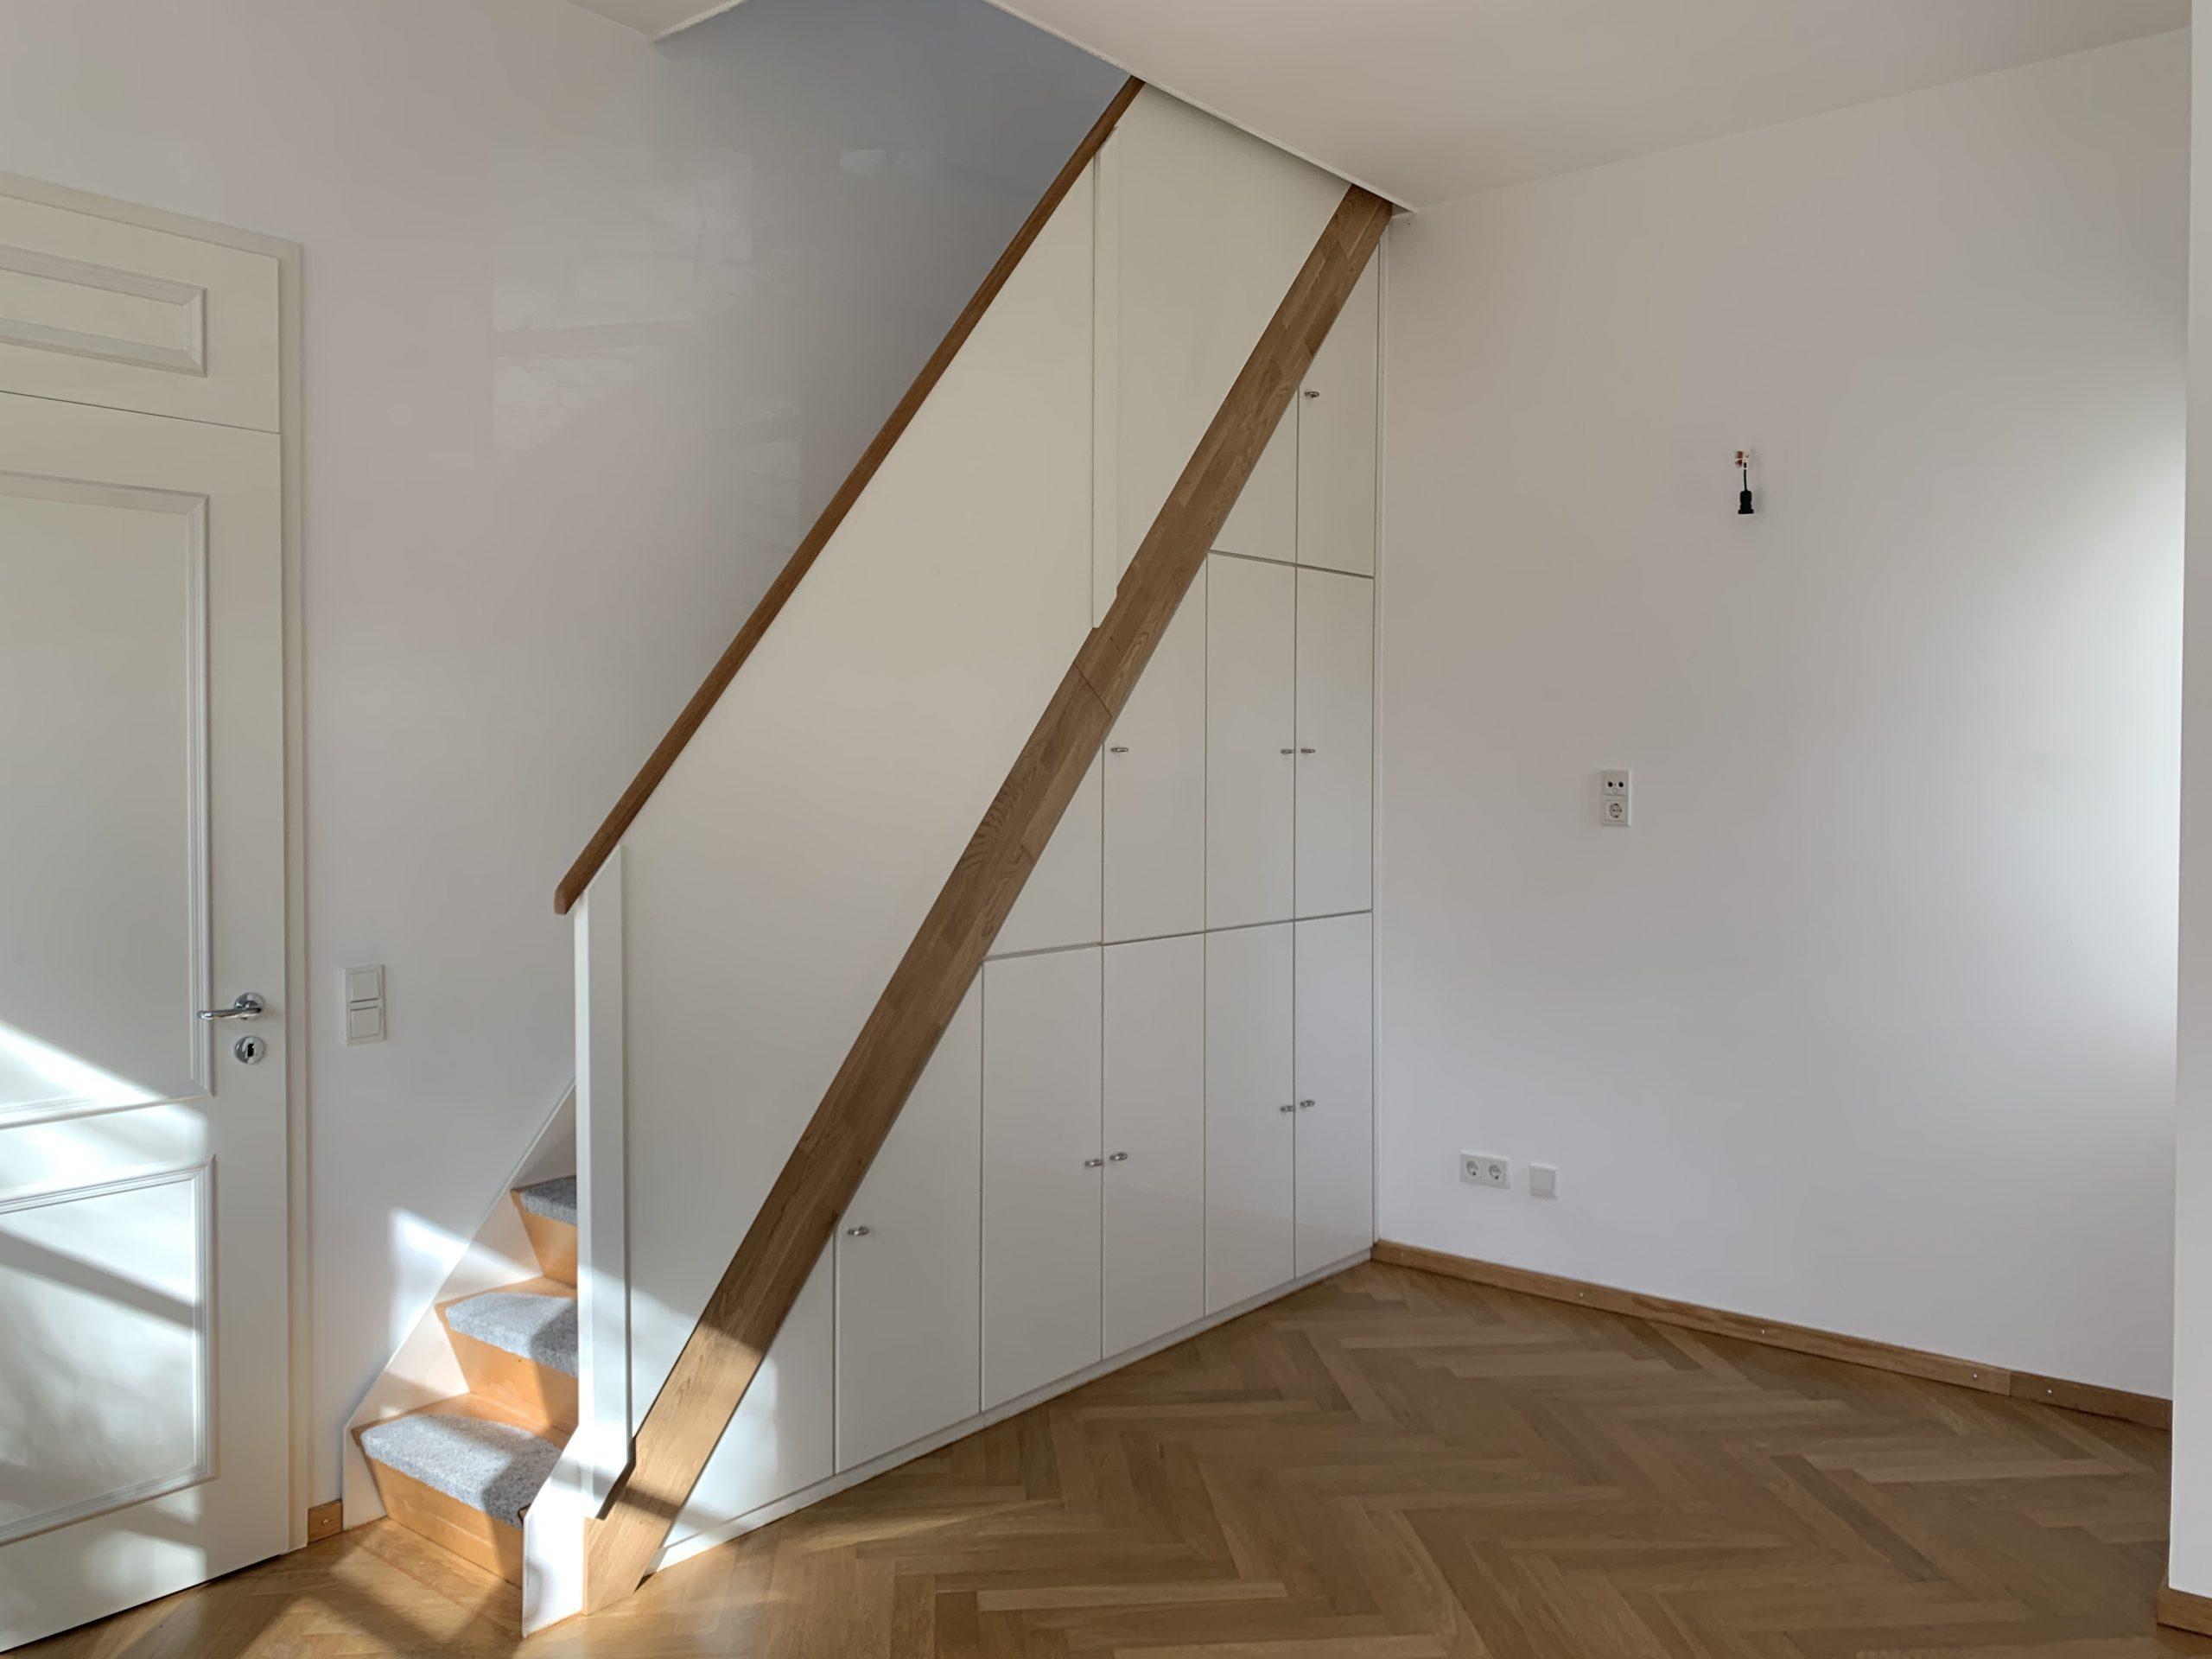 Schlafzimmer mit Aufgang Galerie